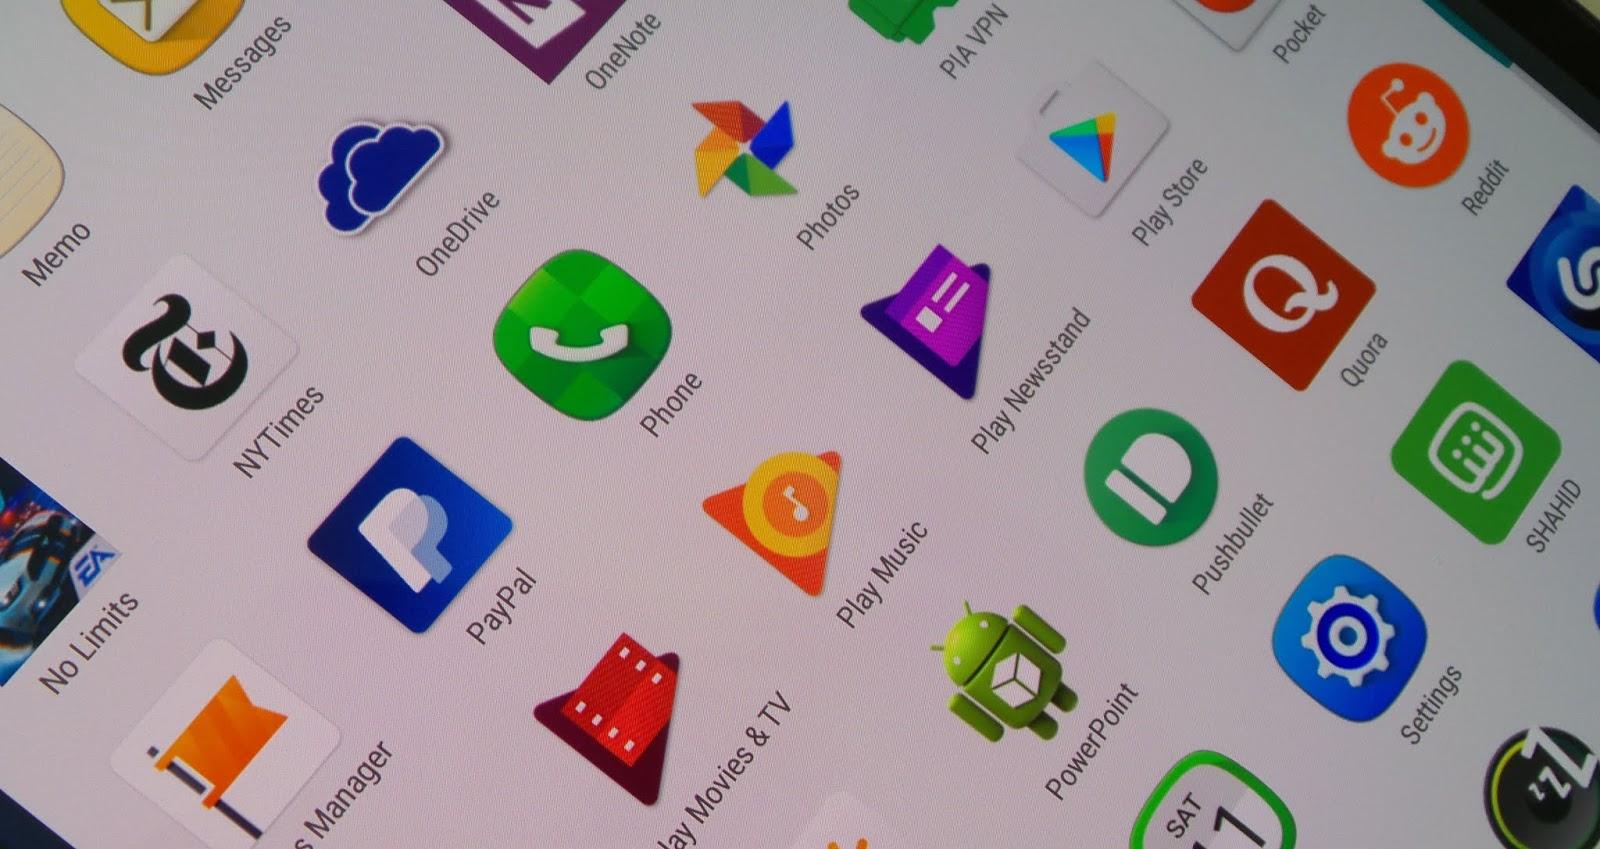 صورة تطبيقات رائعة  2019 التطبيق الثالث سينال إعجابك